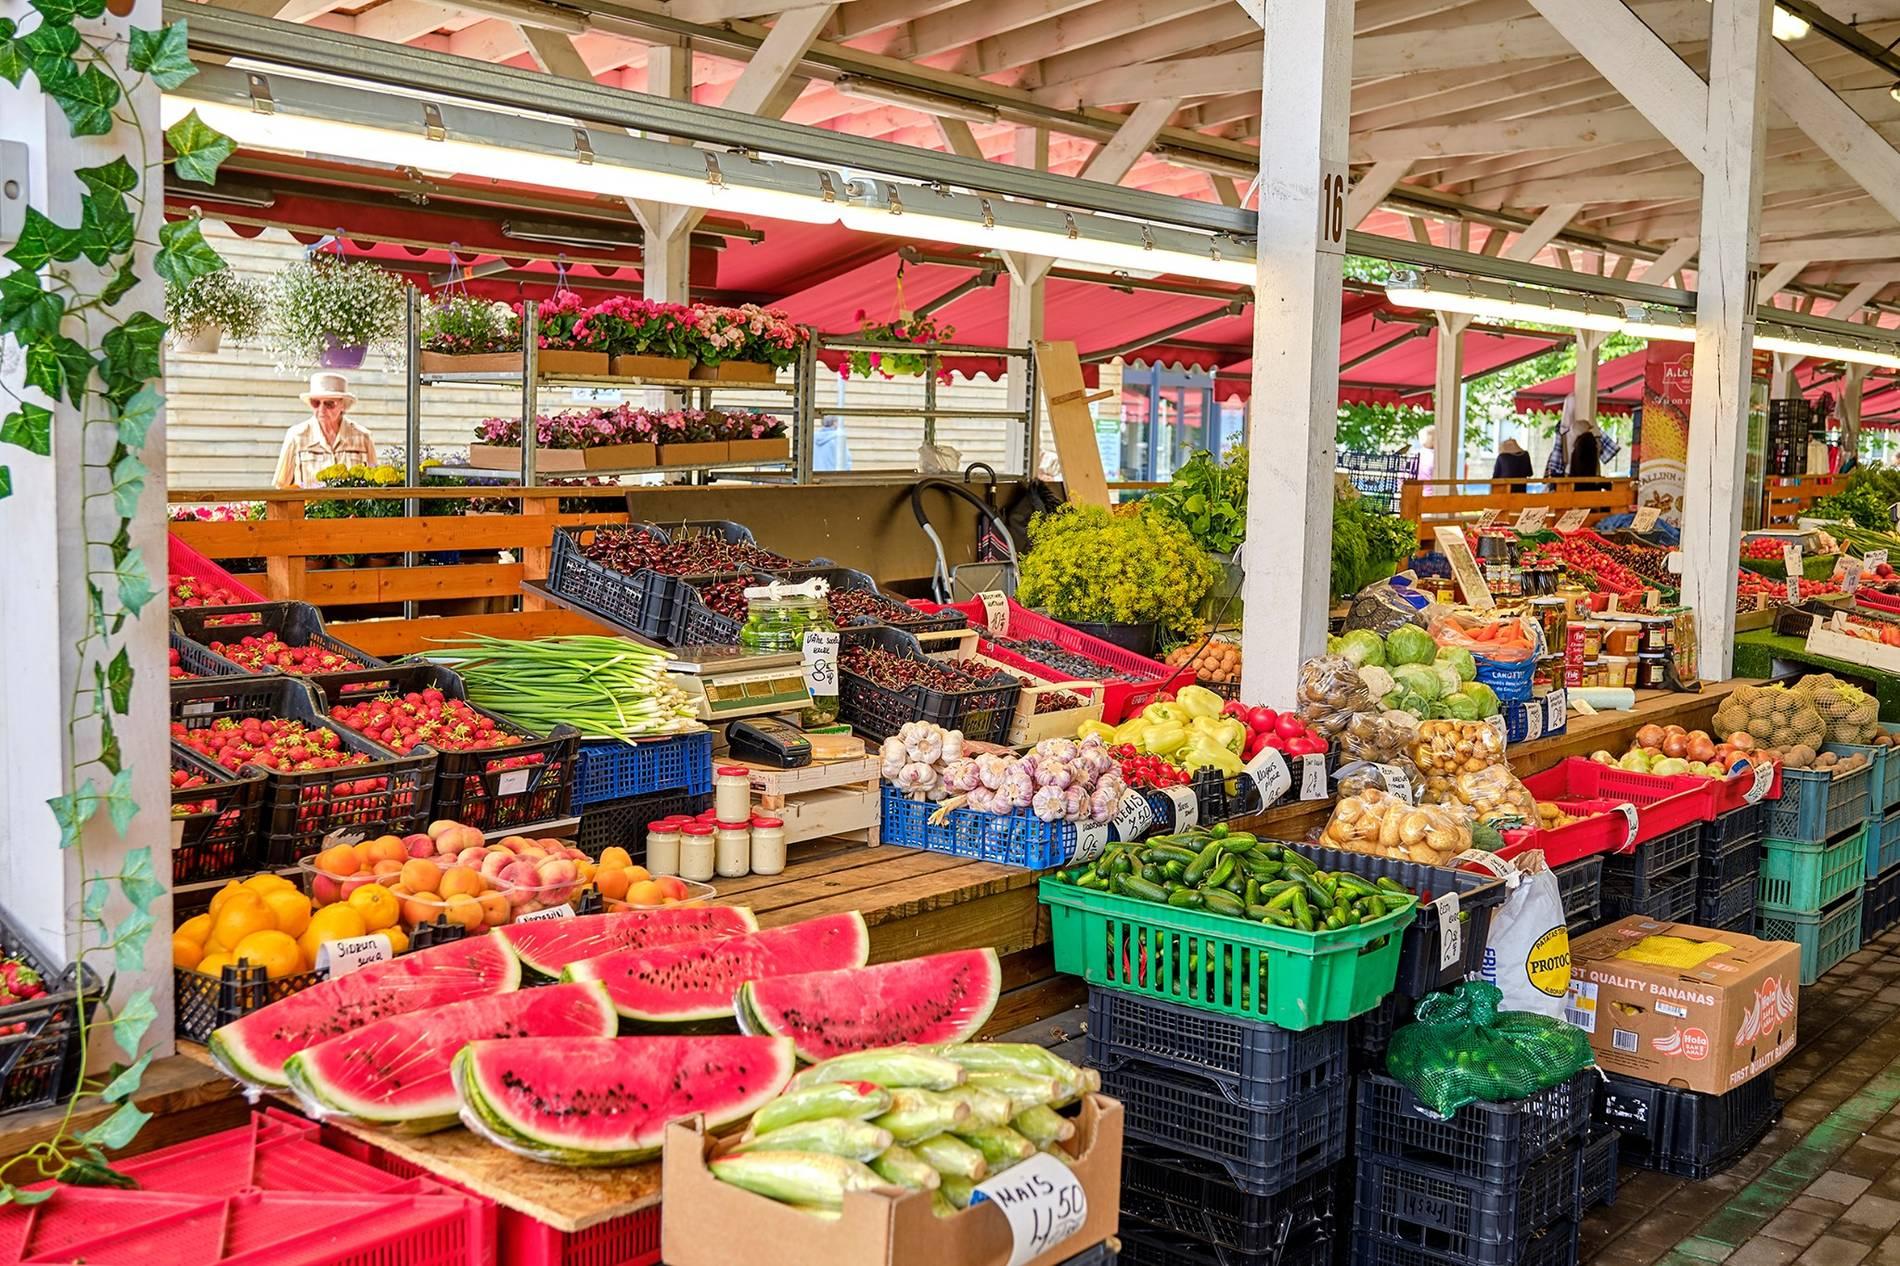 Mustamäe market